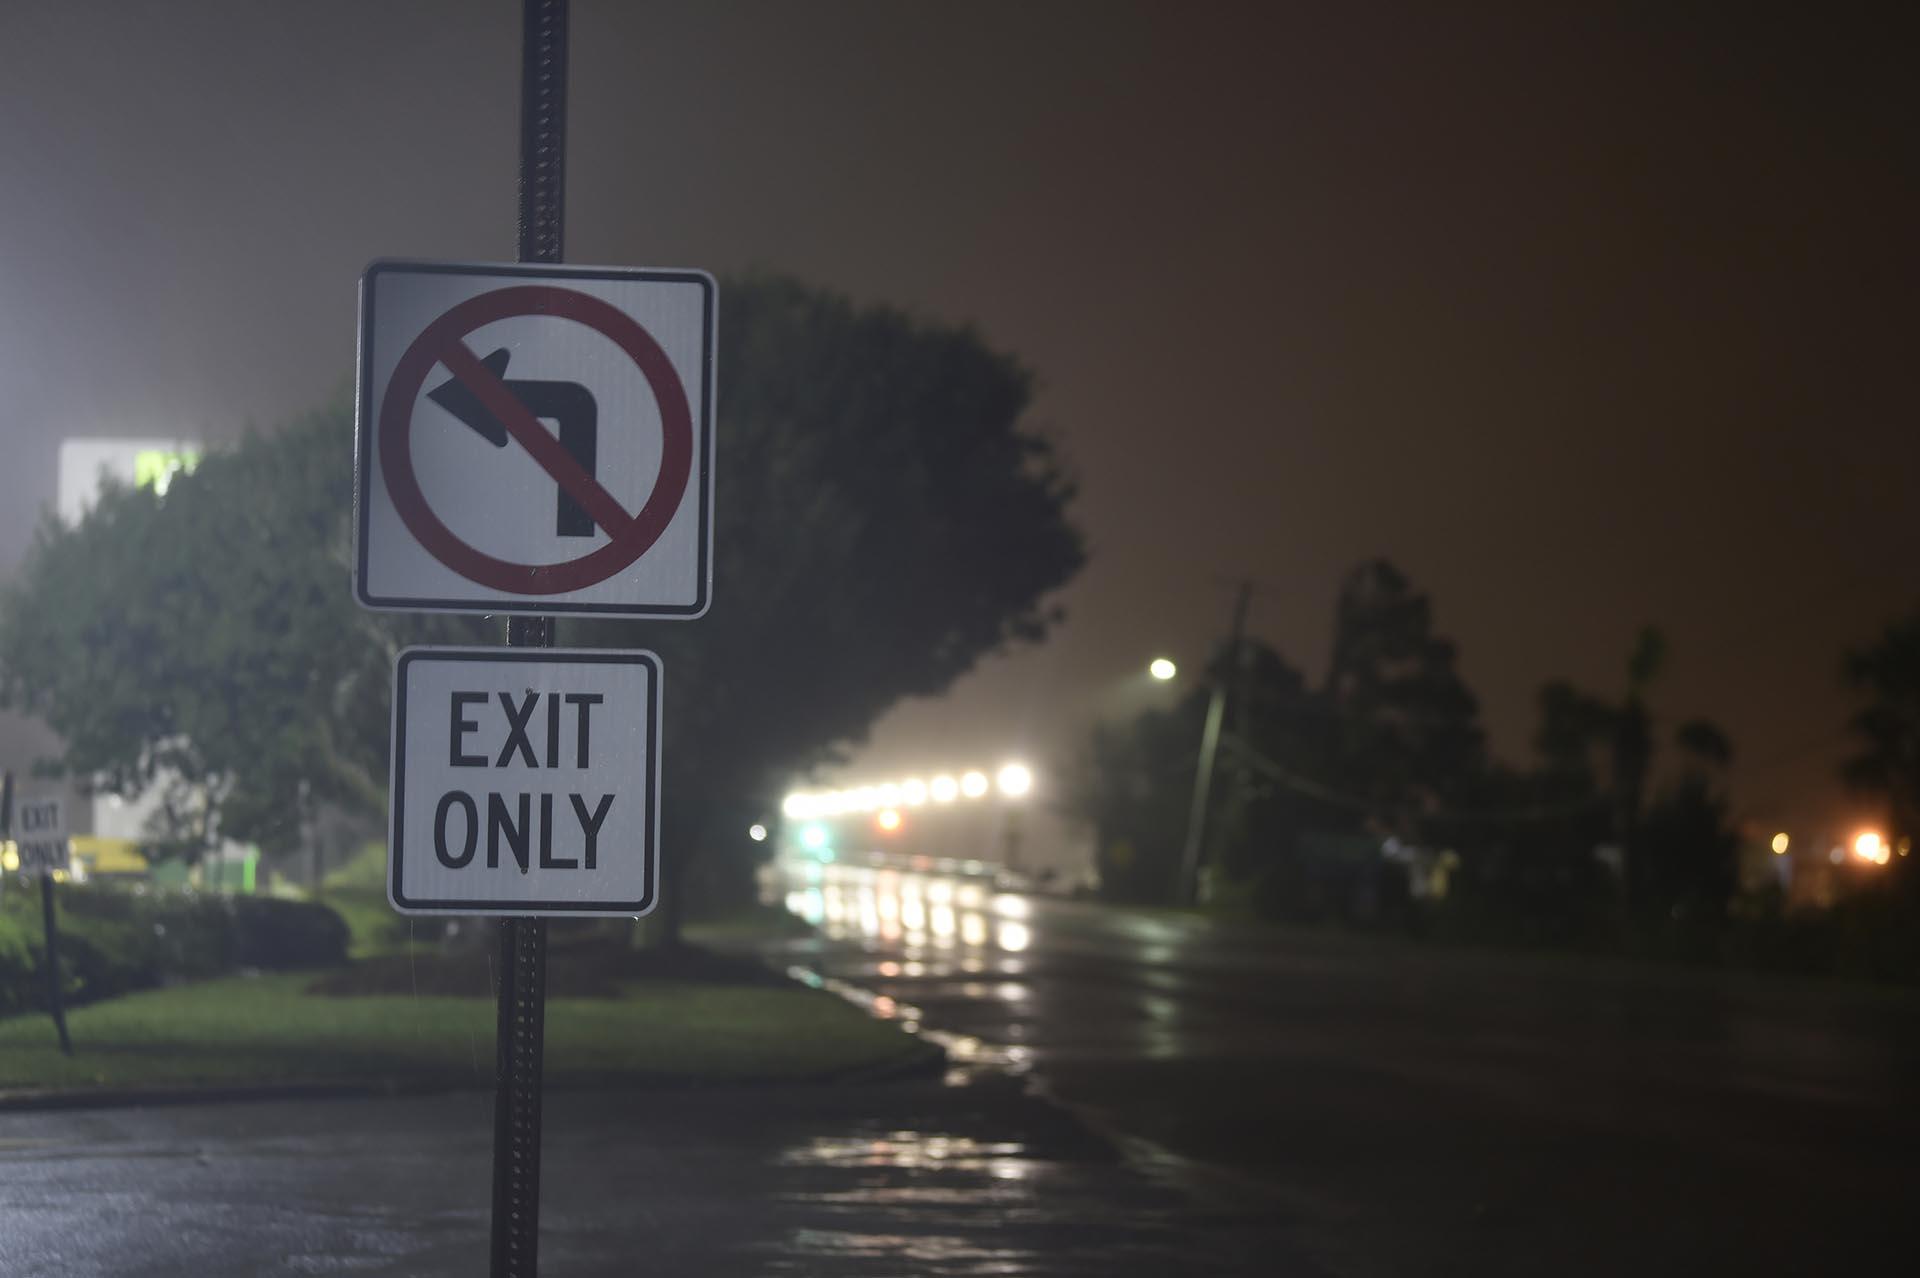 Las lluvias y el viento cubren Charleston, Carolina del Sur, temprano en la mañana del jueves 5 de septiembre de 2019, cuando el huracán Dorian ingresa al área. El huracán Dorian comenzó a rastrillar la costa del sudeste de EEUUamenazando con inundar las costas bajas desde Georgia hasta el suroeste de Virginia con una peligrosa marejada ciclónica después de su matanza mortal en las Bahamas